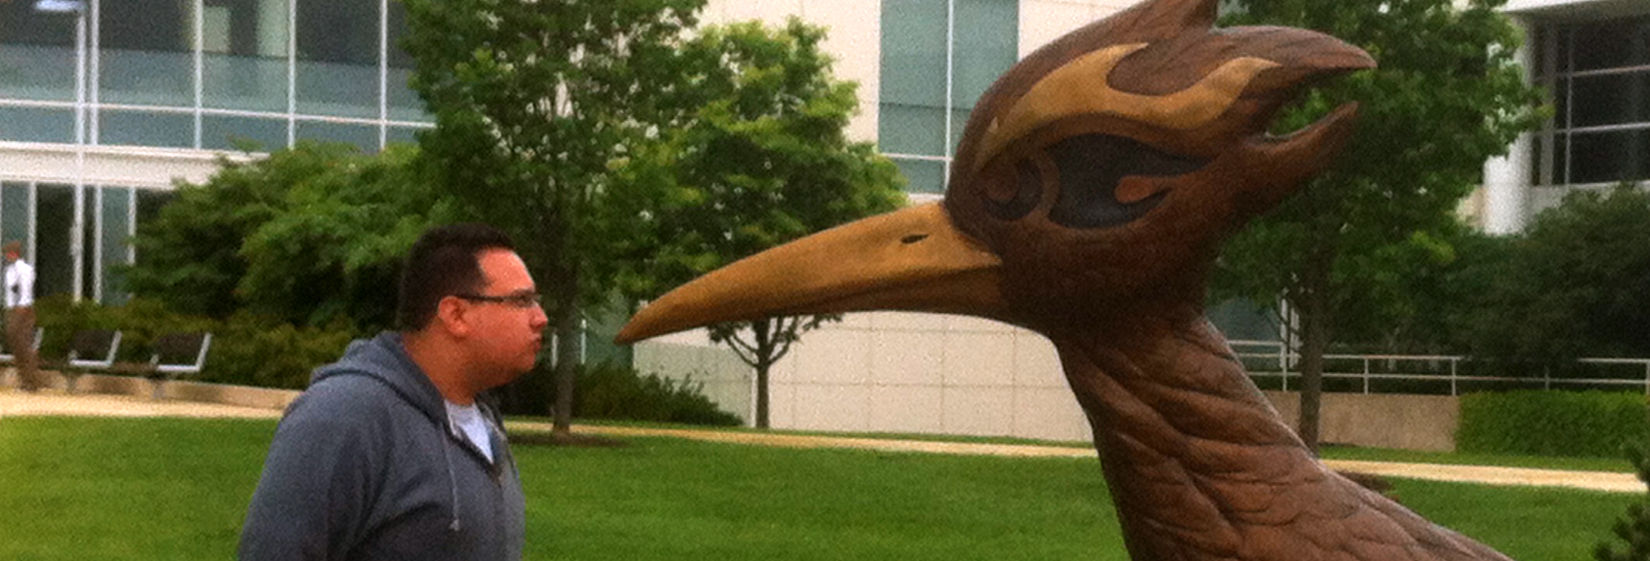 COD Bird 1650x561